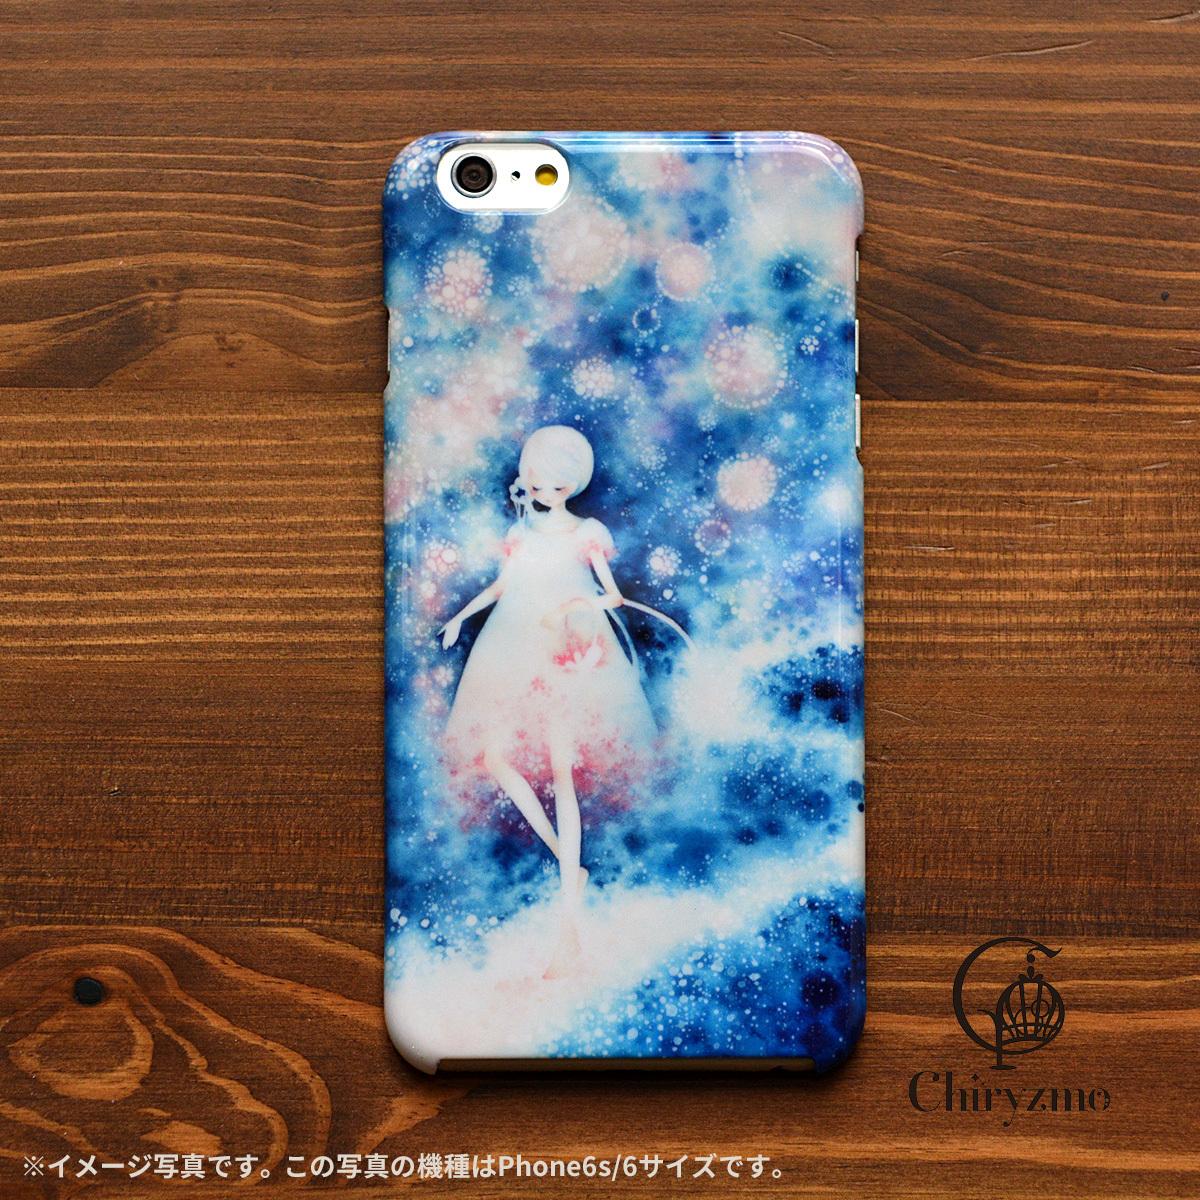 桜 スマホケース iphone ケース 桜 アイフォン7 ケース 桜 iphone 6s ケース 桜 明日は桜の星が降る/Chiryzmo